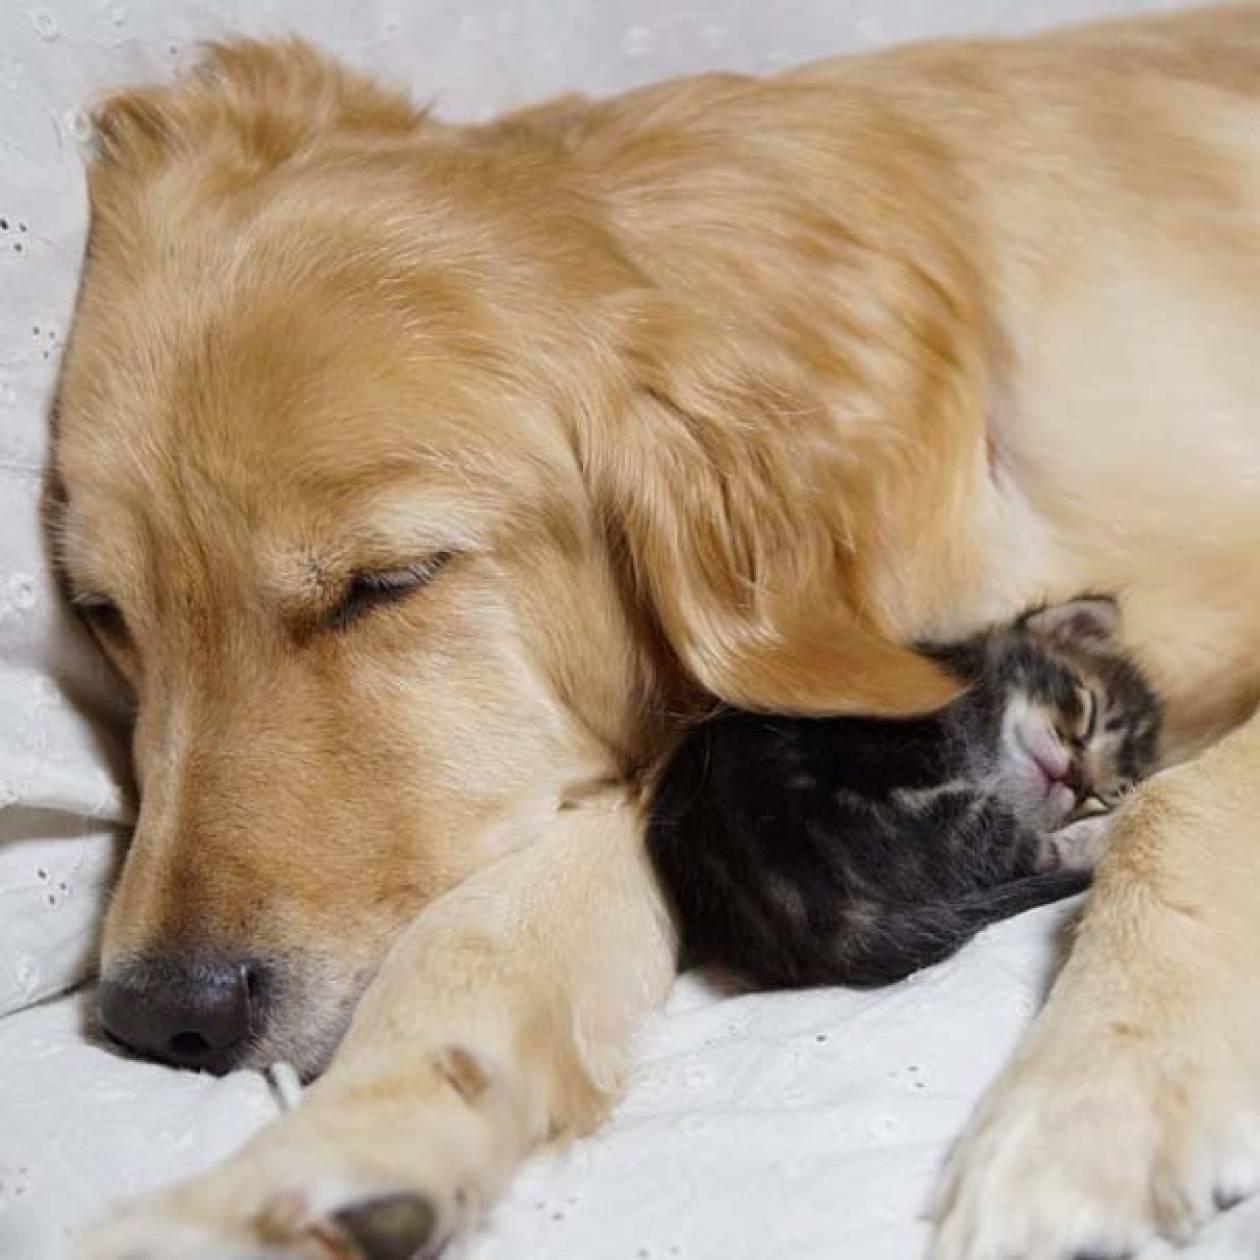 Συγκινητικός δεσμός: Golden retriever υιοθέτησε ορφανό γατάκι (pics)